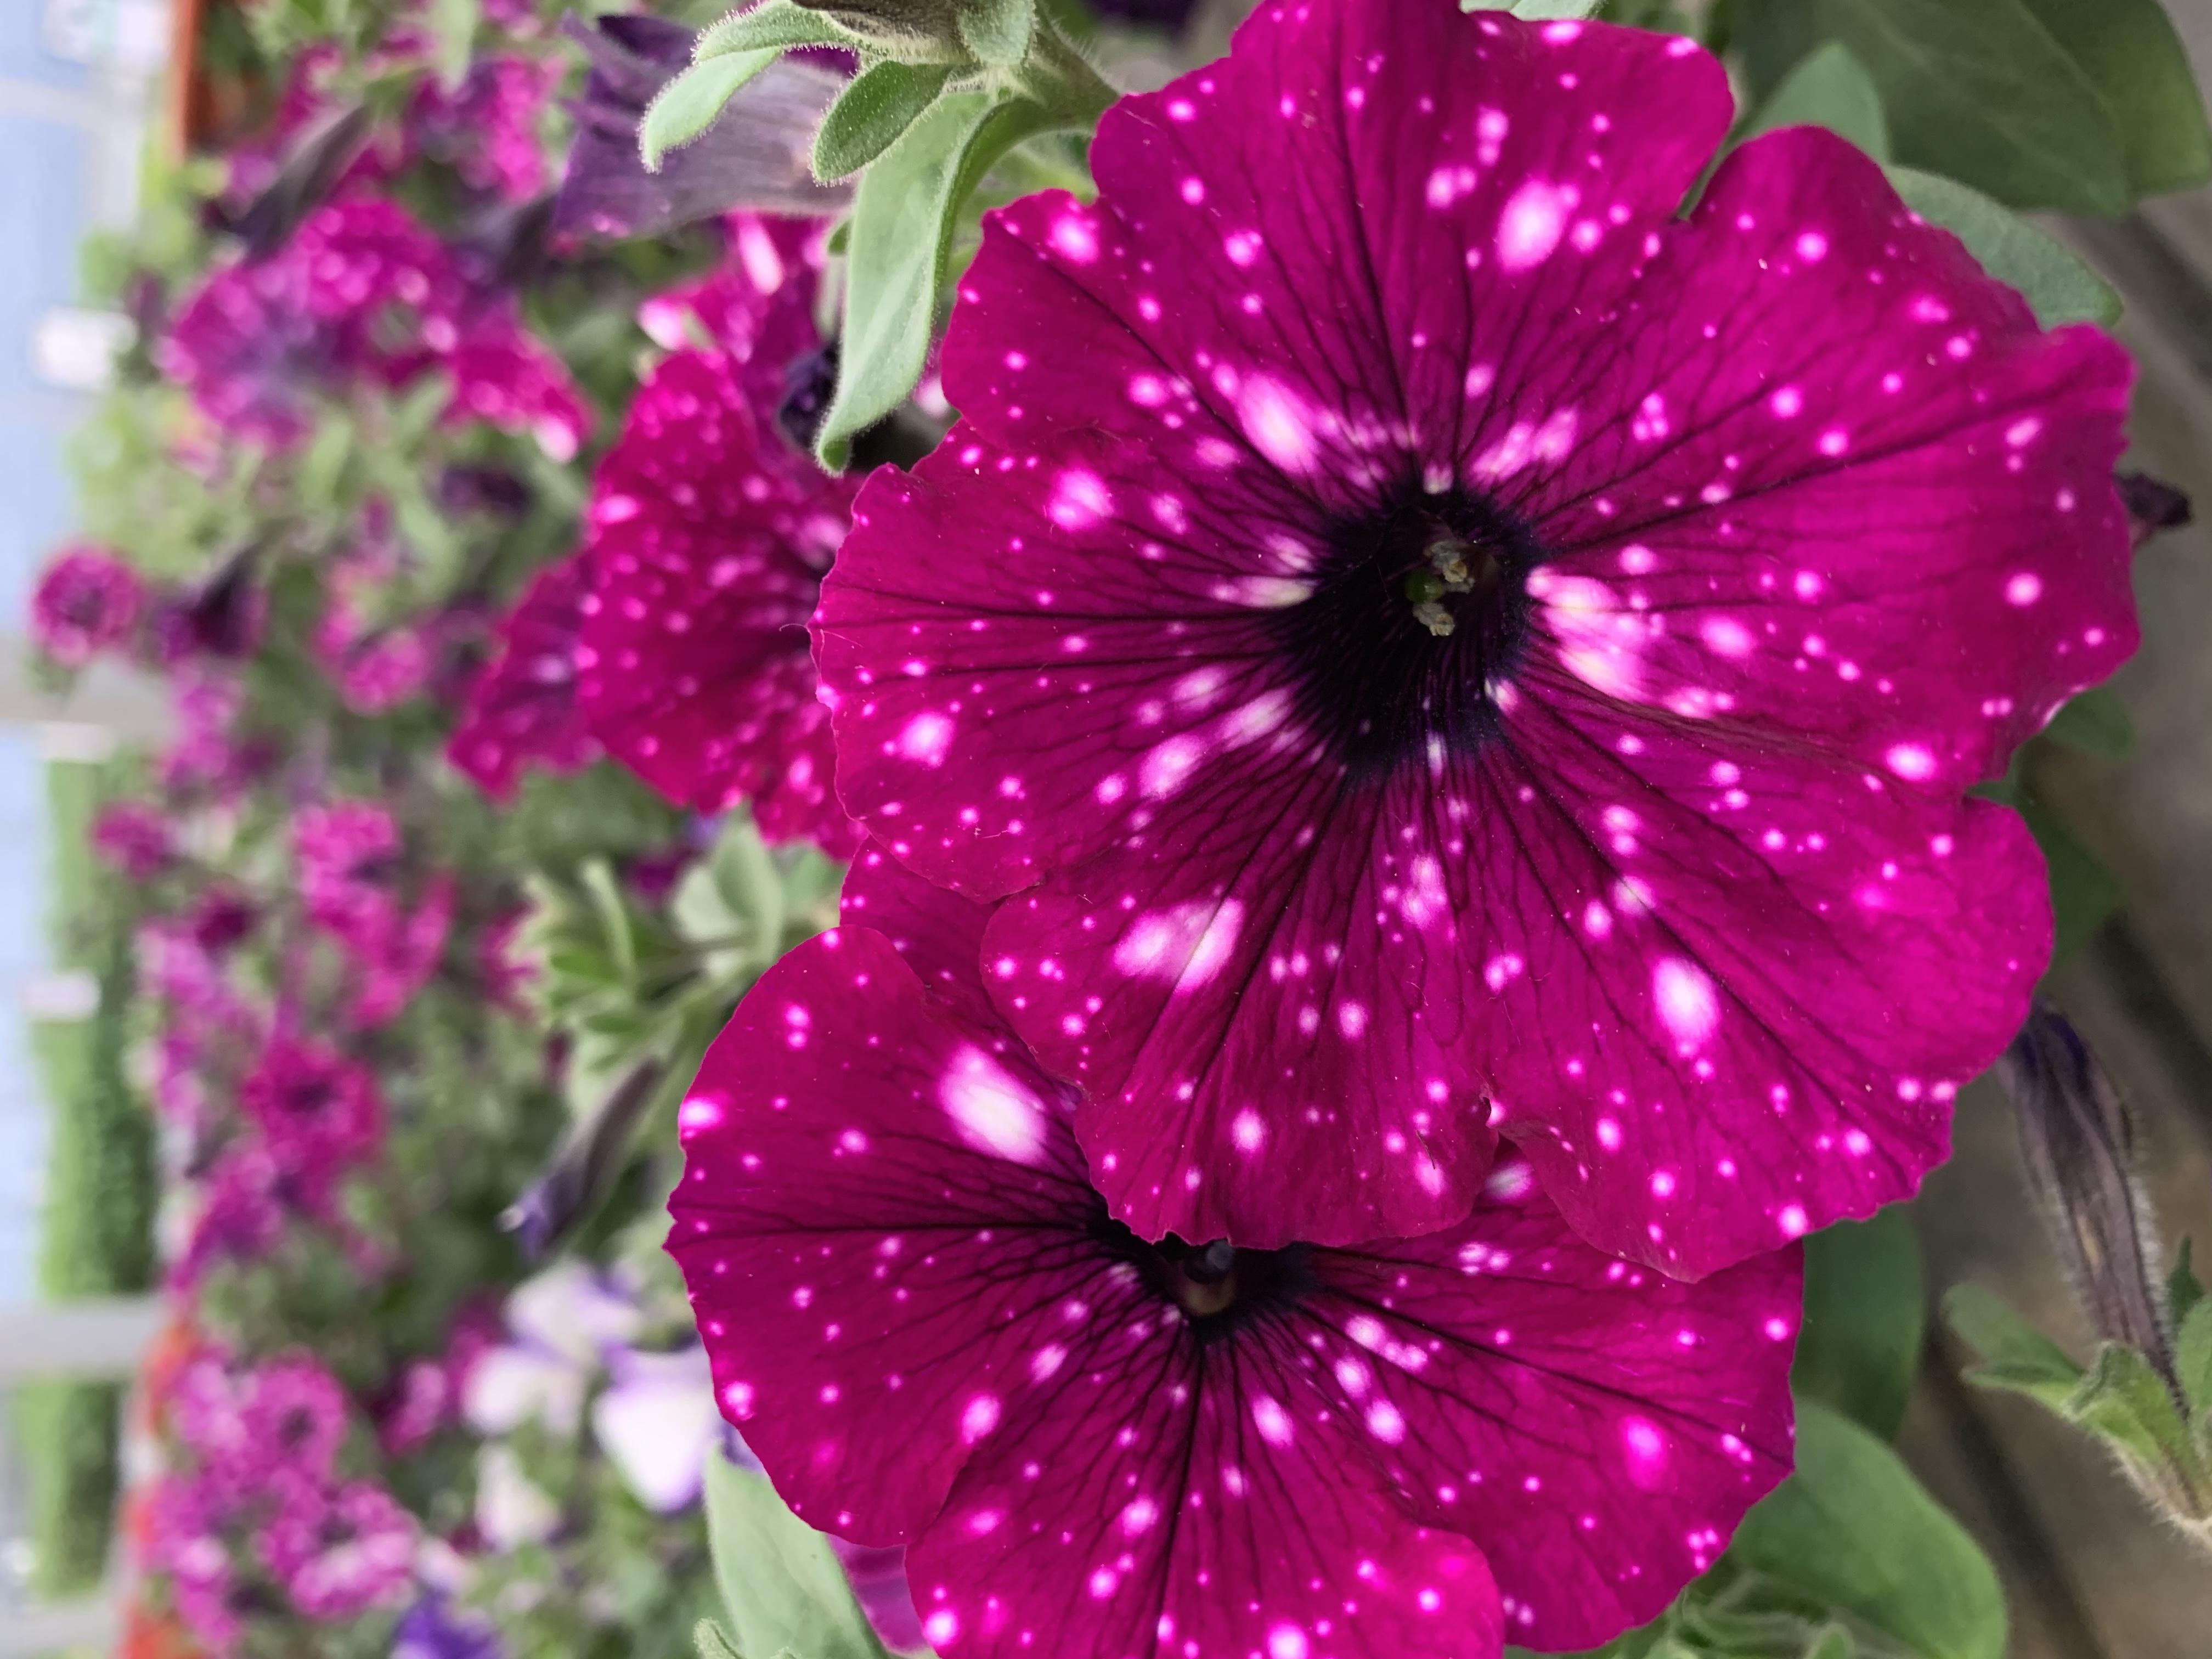 La Surfinia è una pianta molto colorata, grazie ai suoi fiori bianchi, lilla, rossi, rosa, viola. Hanno una caratteristica forma ad imbuto con portamento ricadente.